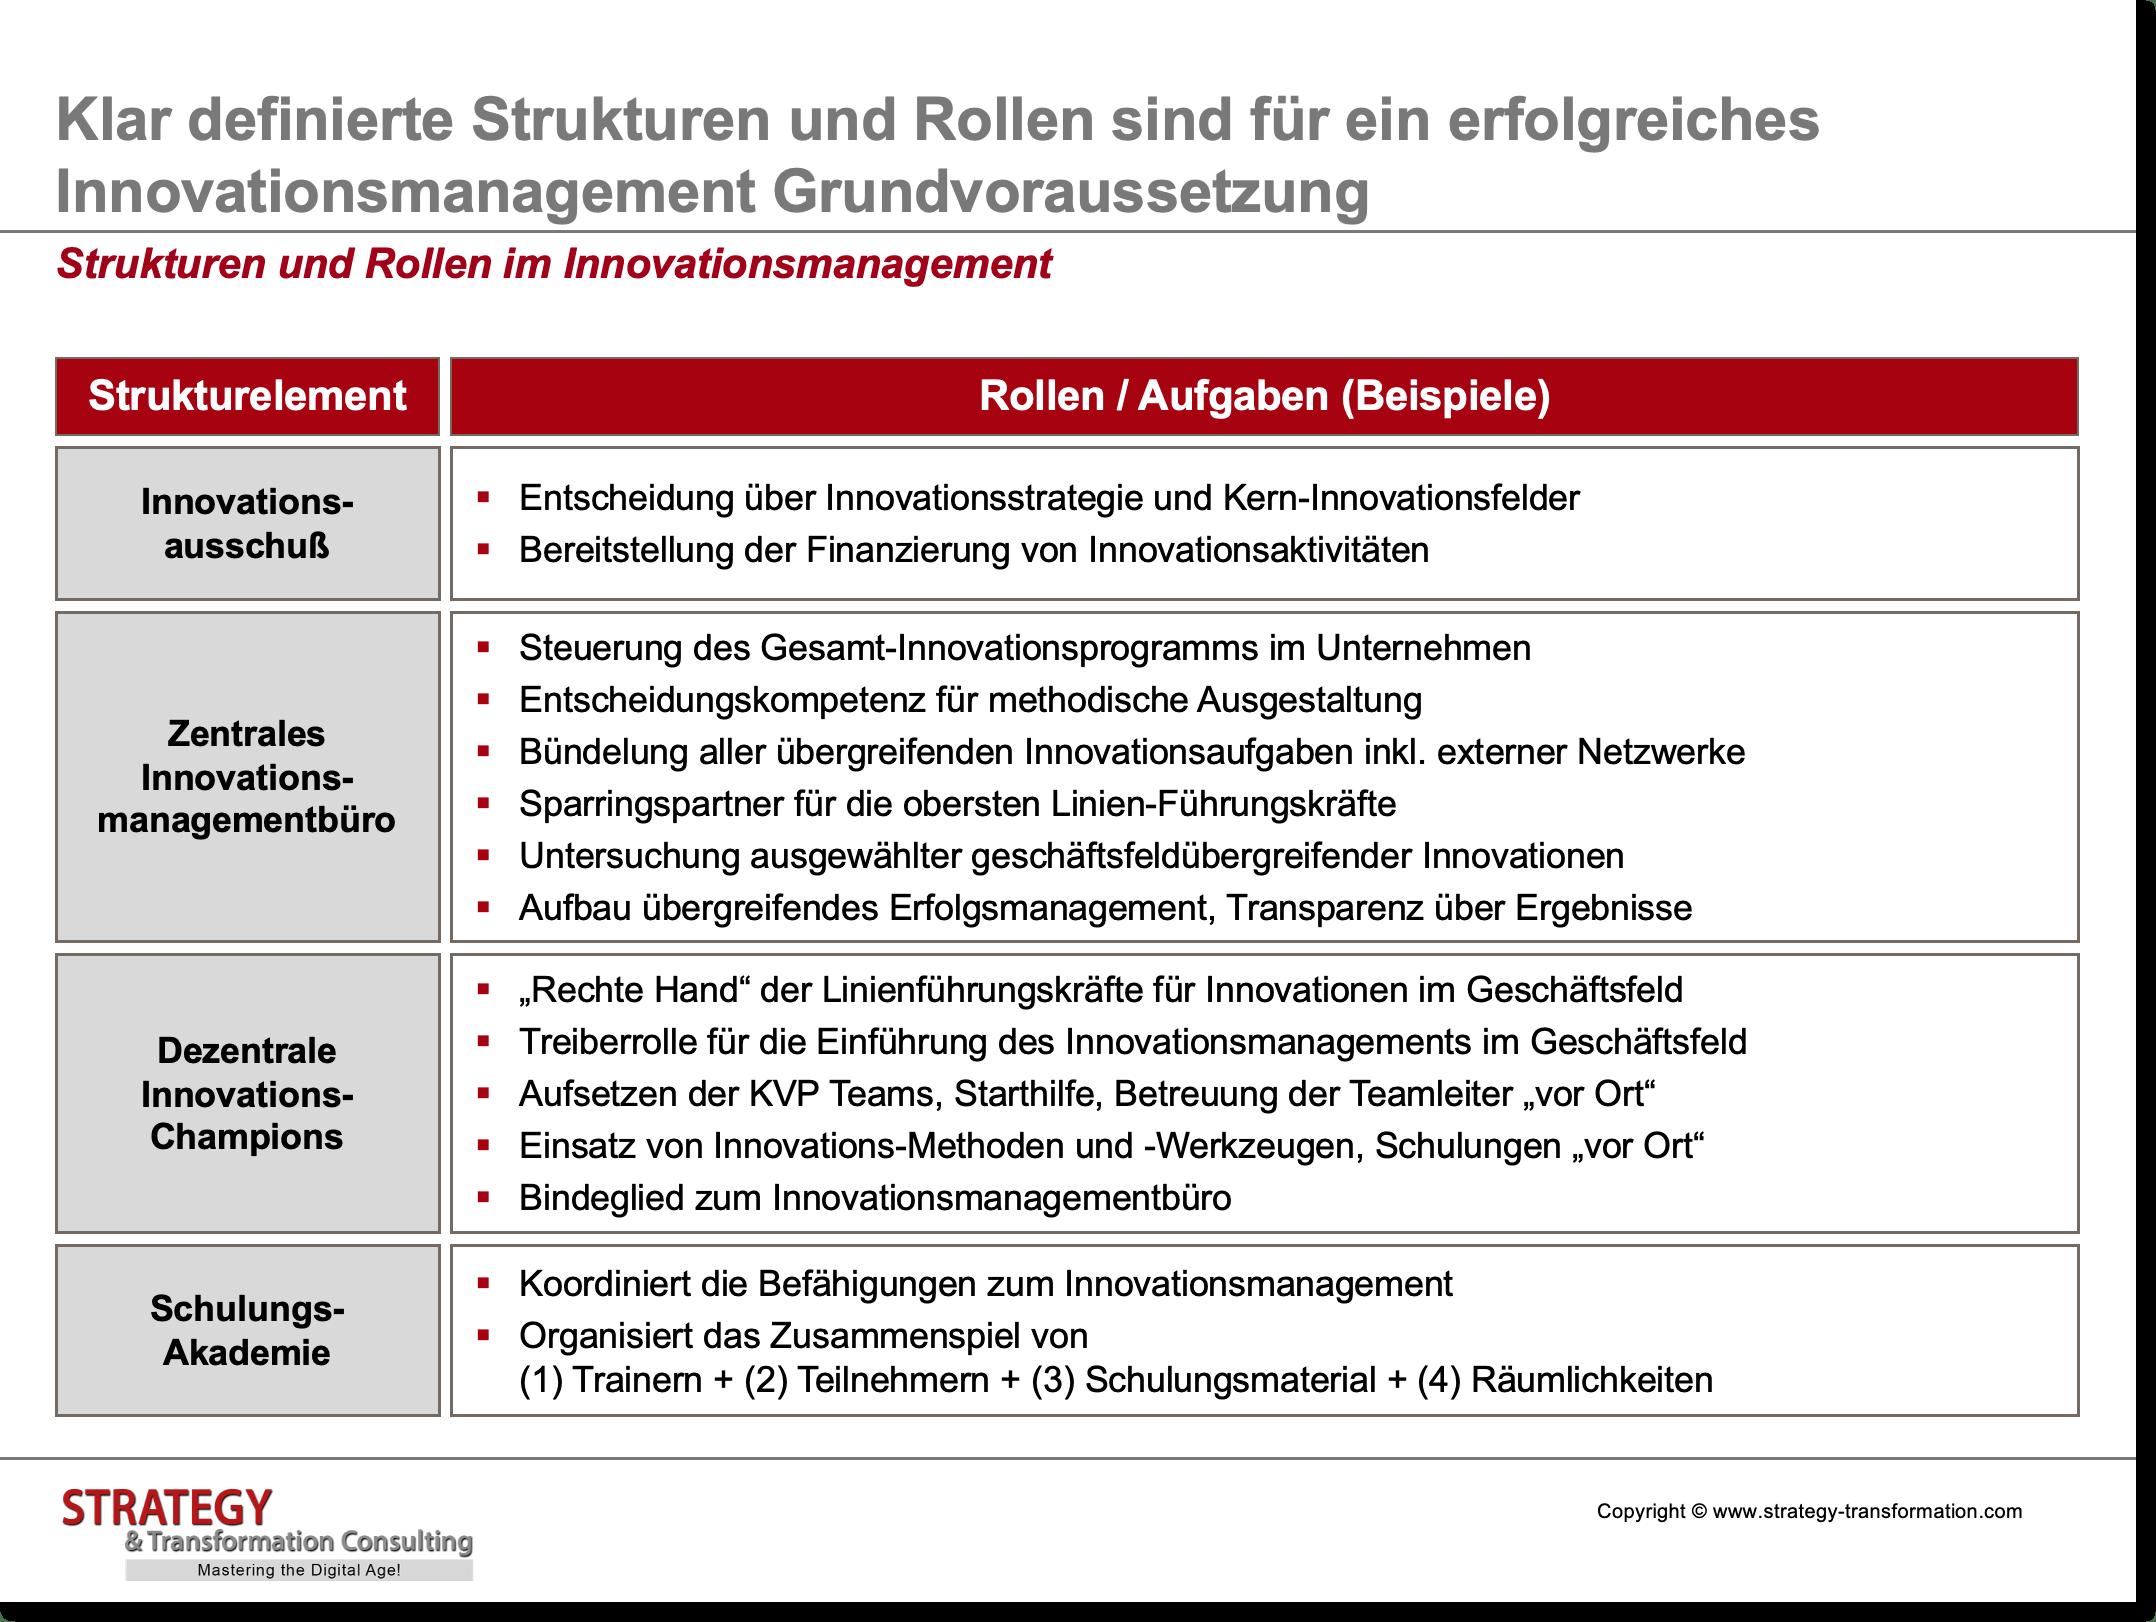 Innovationsmanagement_Strukturen und Rollen